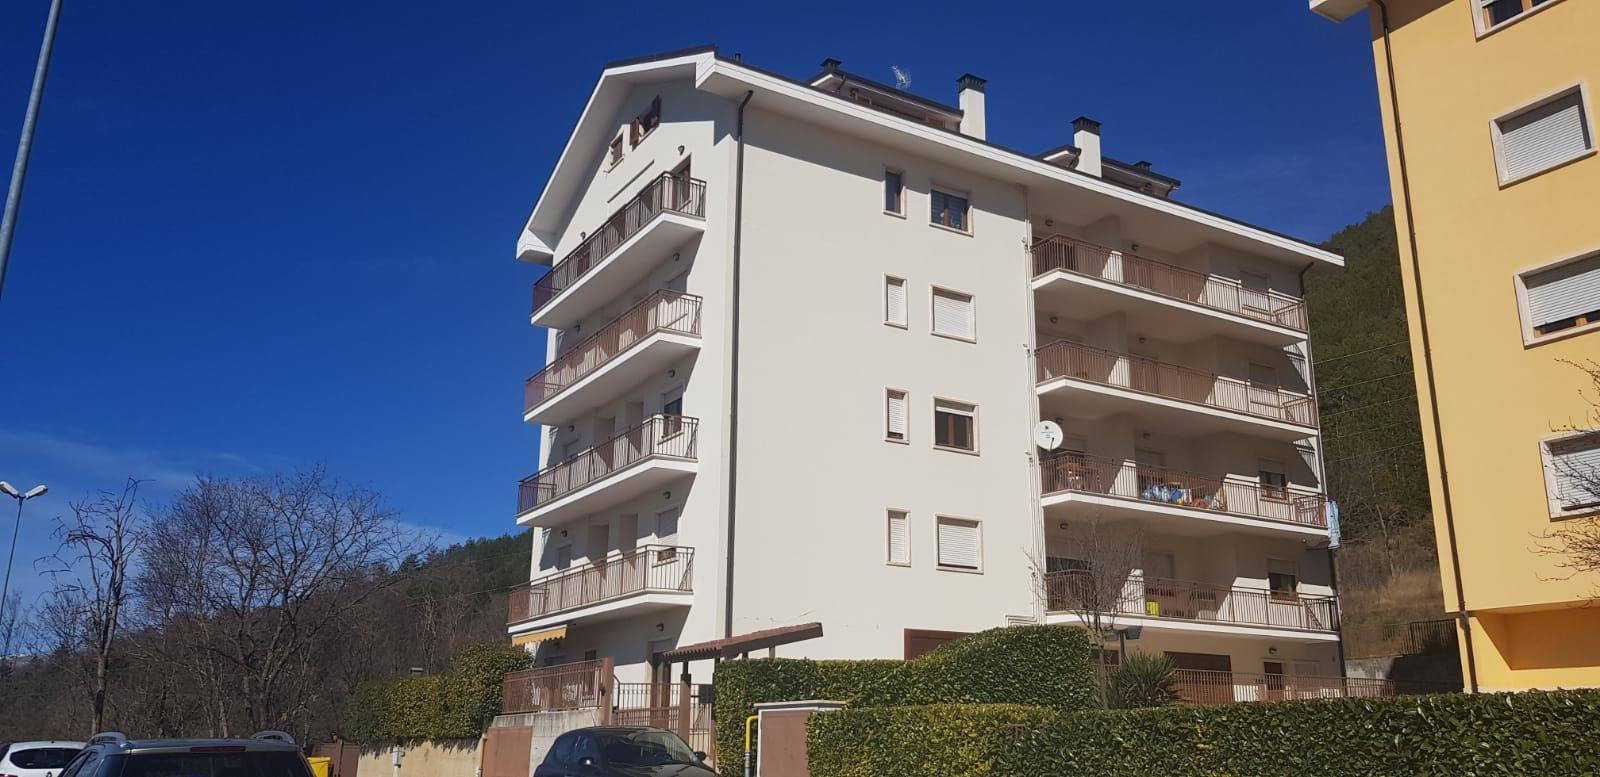 Appartamento in vendita a L'Aquila, 3 locali, zona ino, prezzo € 79.000 | PortaleAgenzieImmobiliari.it